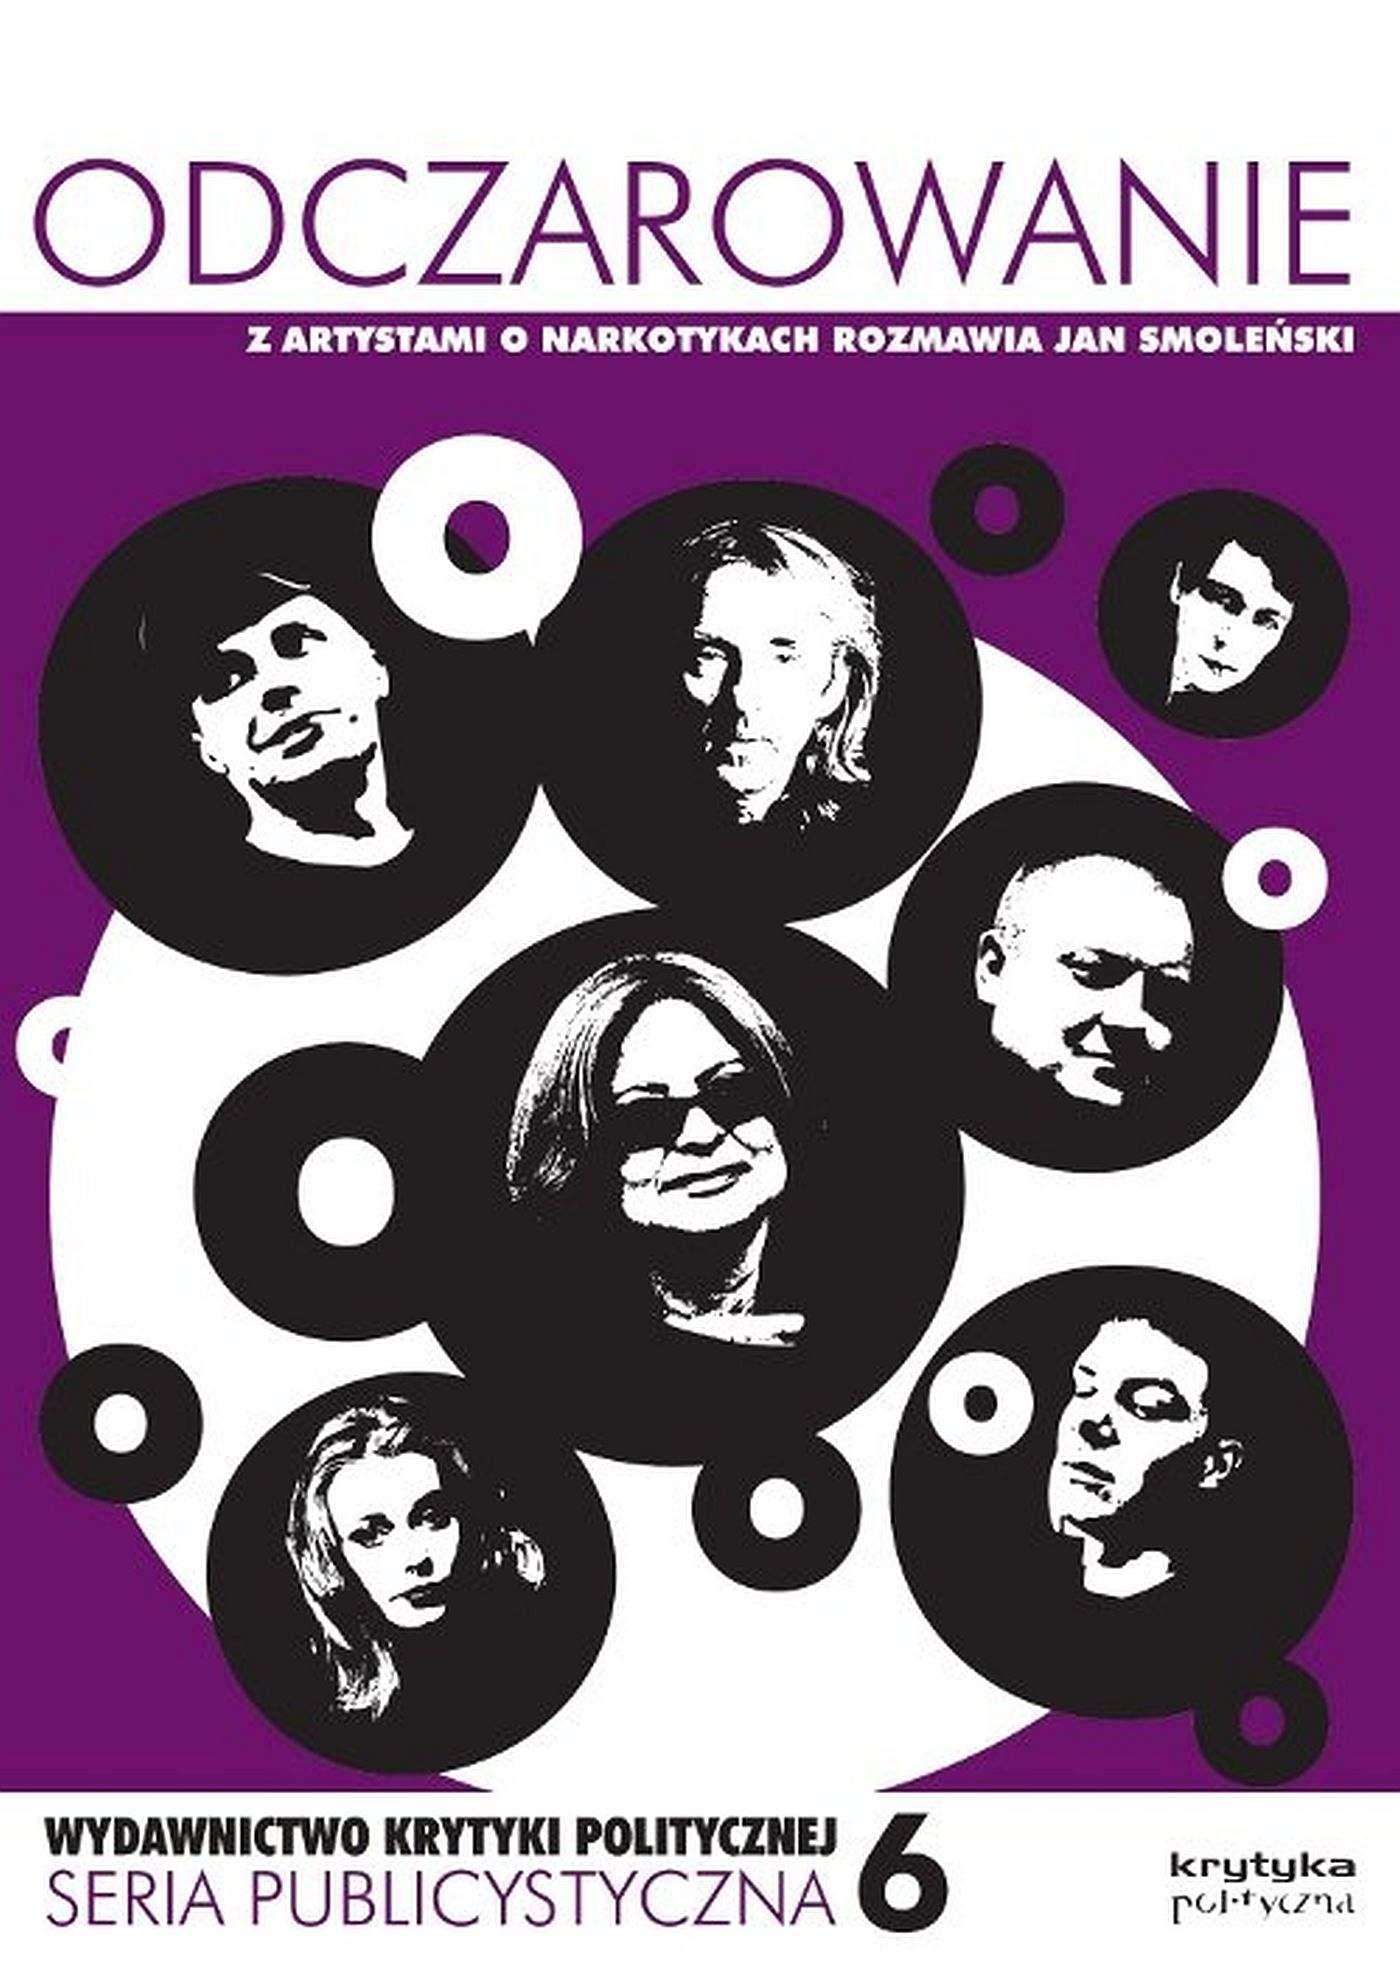 Odczarowanie. Z artystami o narkotykach - Ebook (Książka EPUB) do pobrania w formacie EPUB